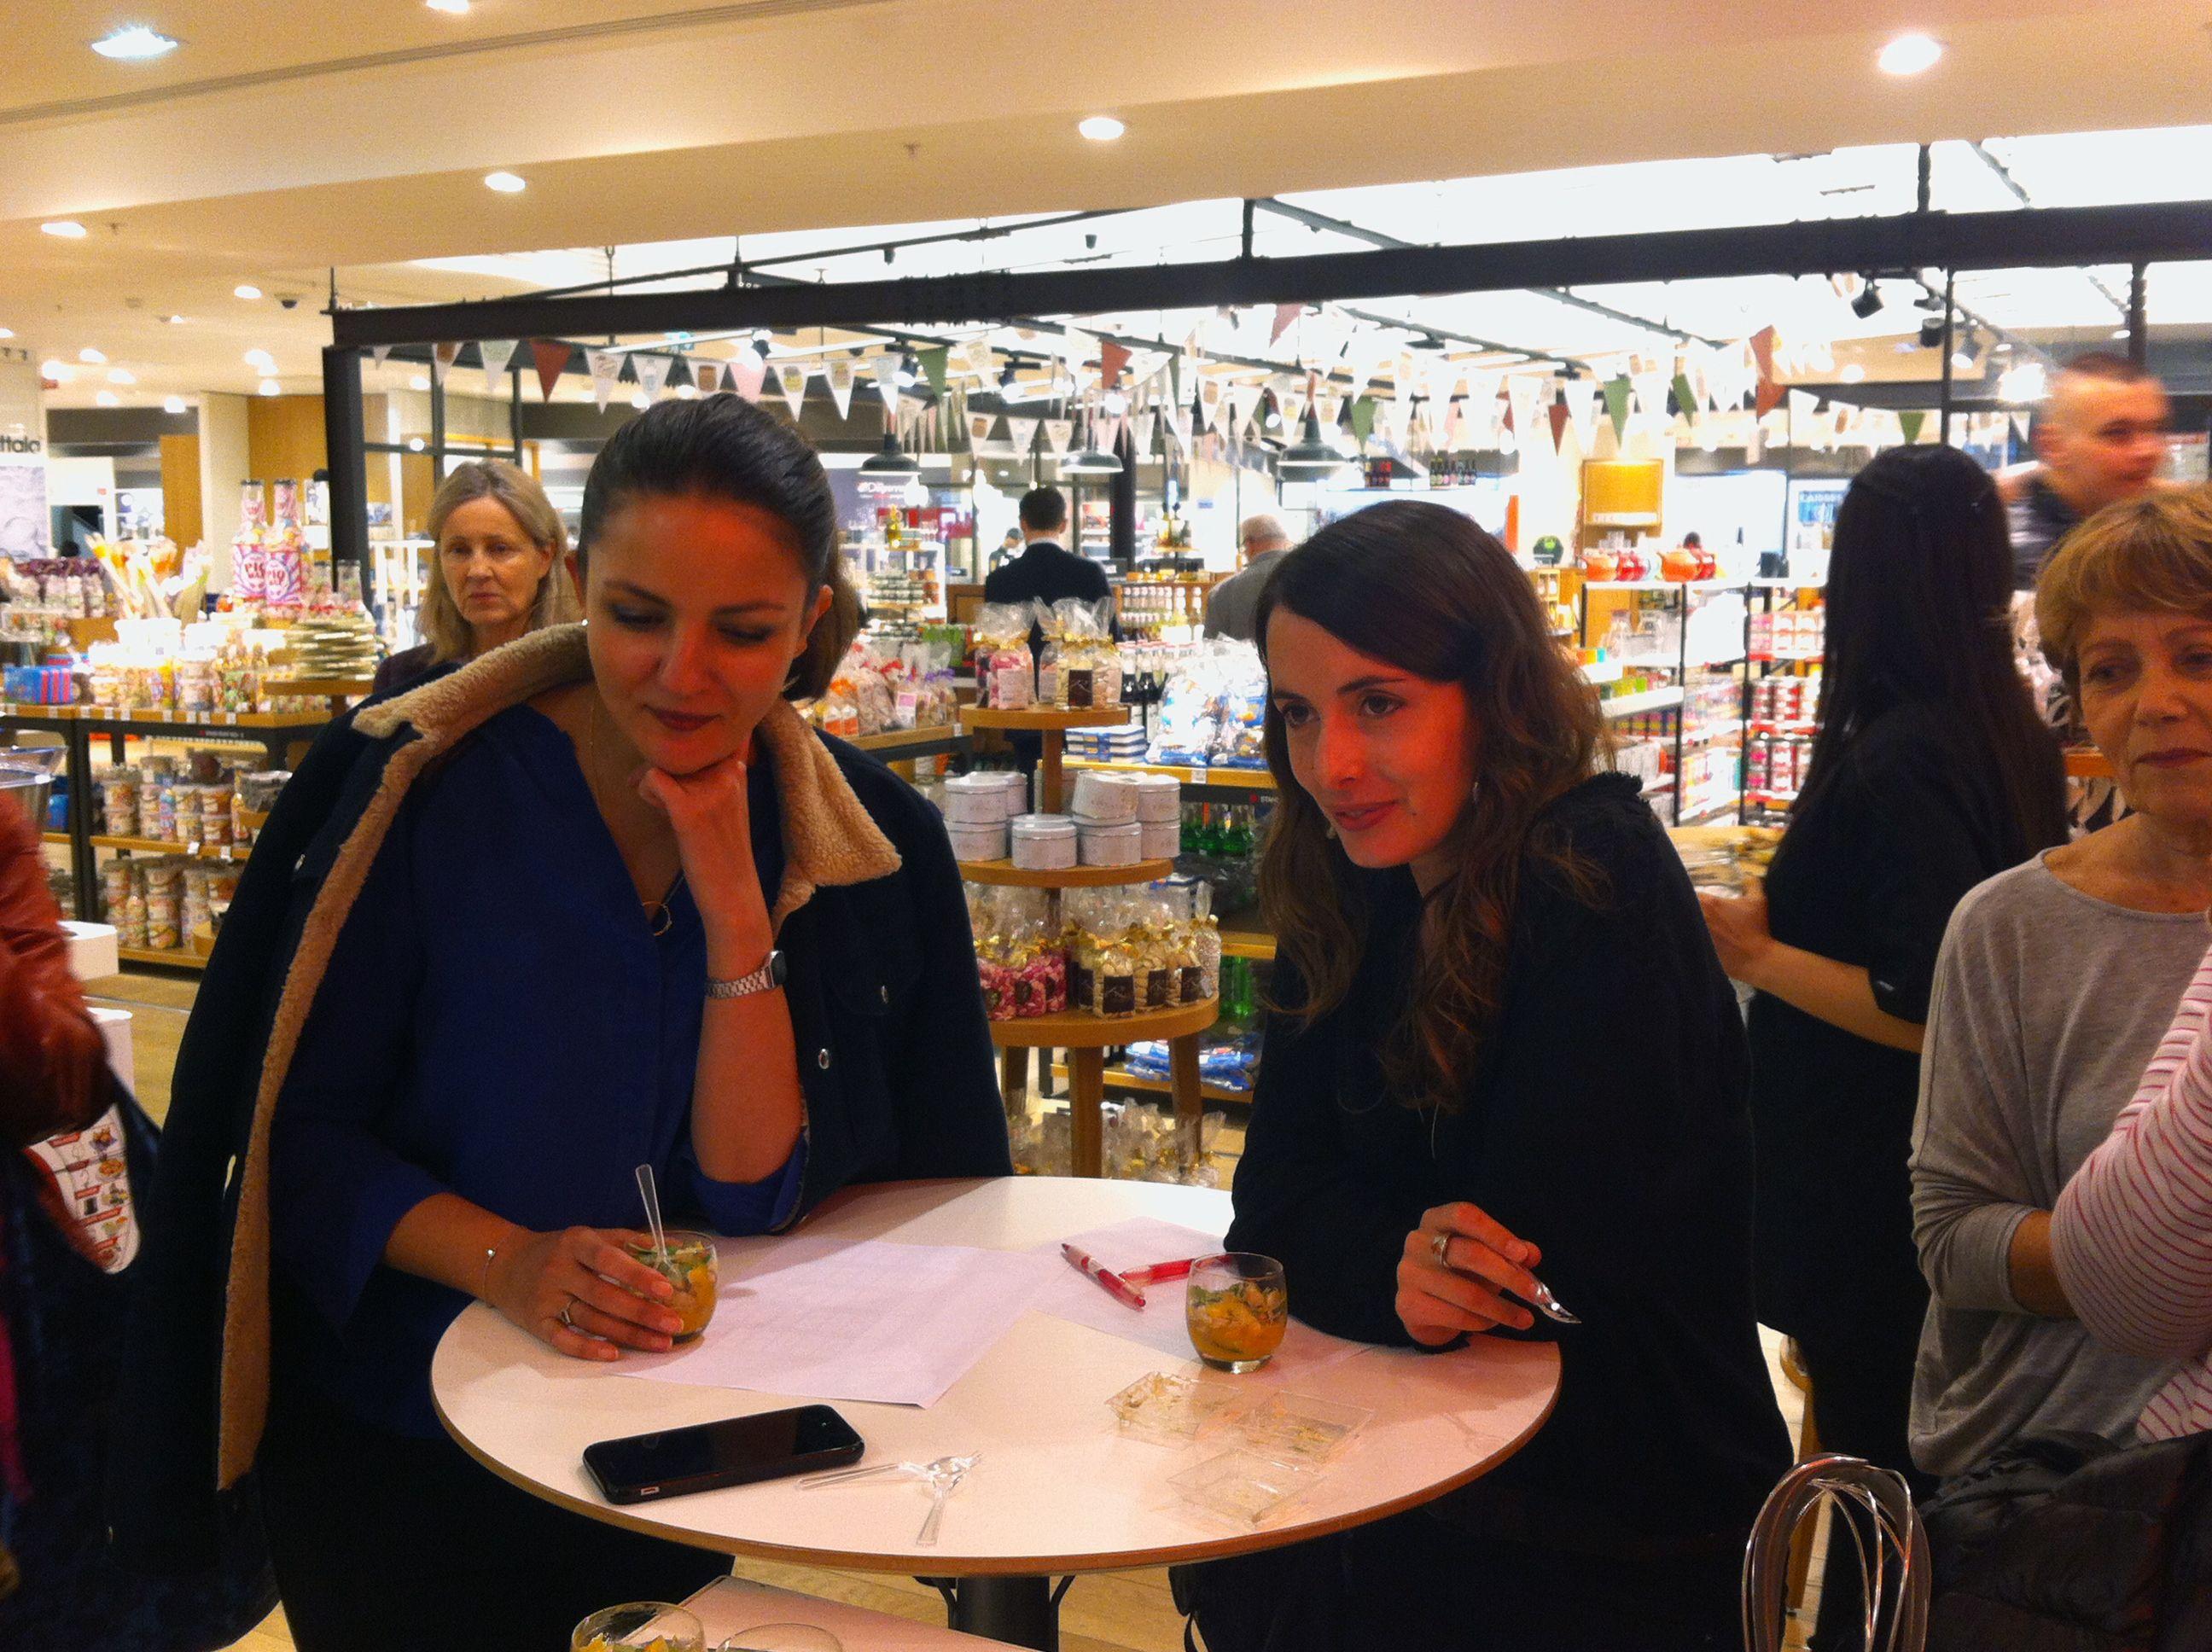 Nos deux membres du jury, Sofia Tamani de #Kitchnchic et Julie Chapon de #YUCA ! au #BHVmarais